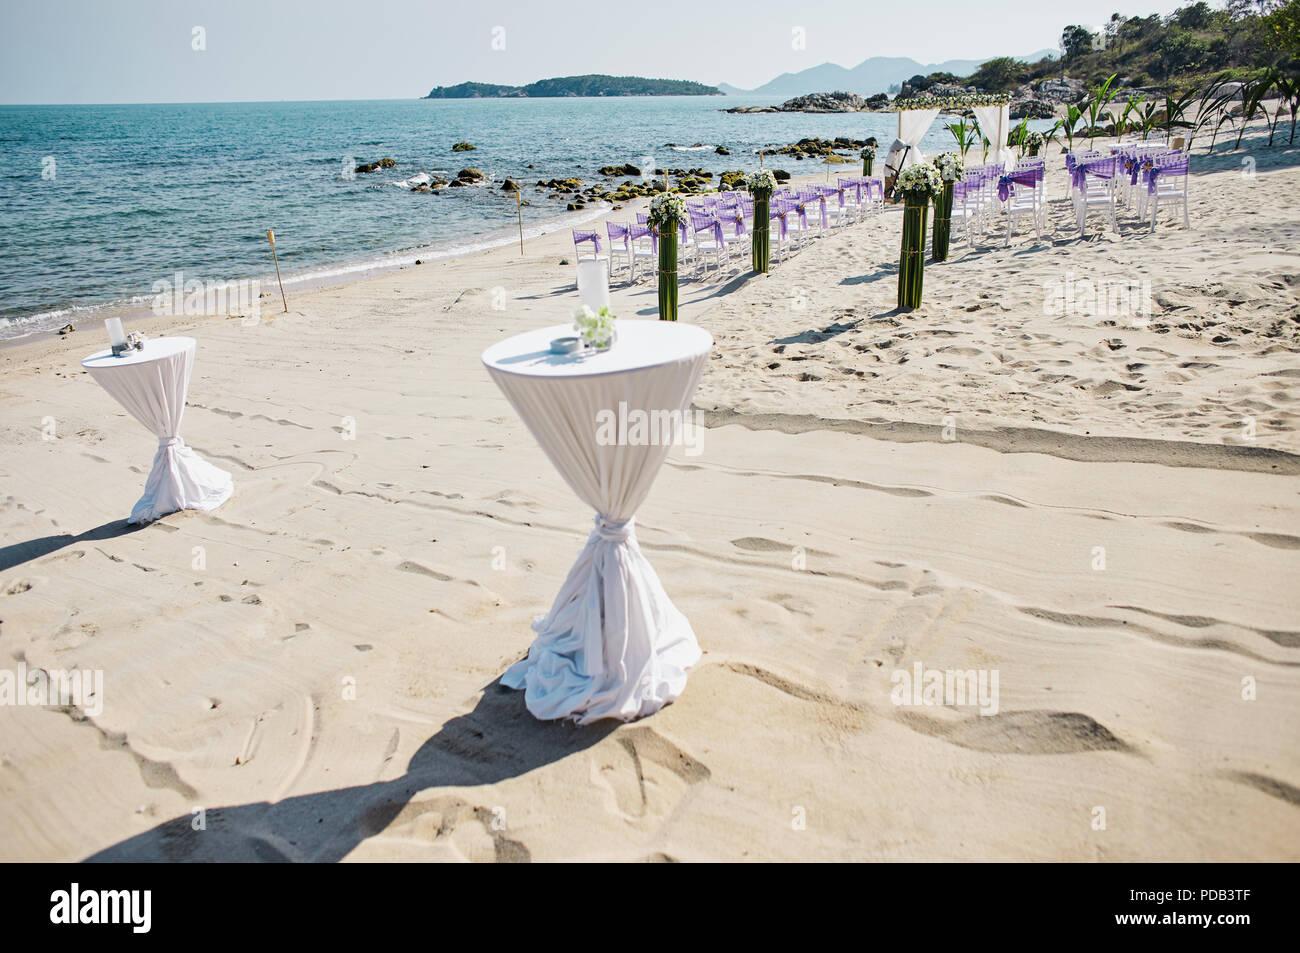 Matrimonio Spiaggia Decorazioni : Panno bianco decorazione di snack bicchieri tavolo spiaggia